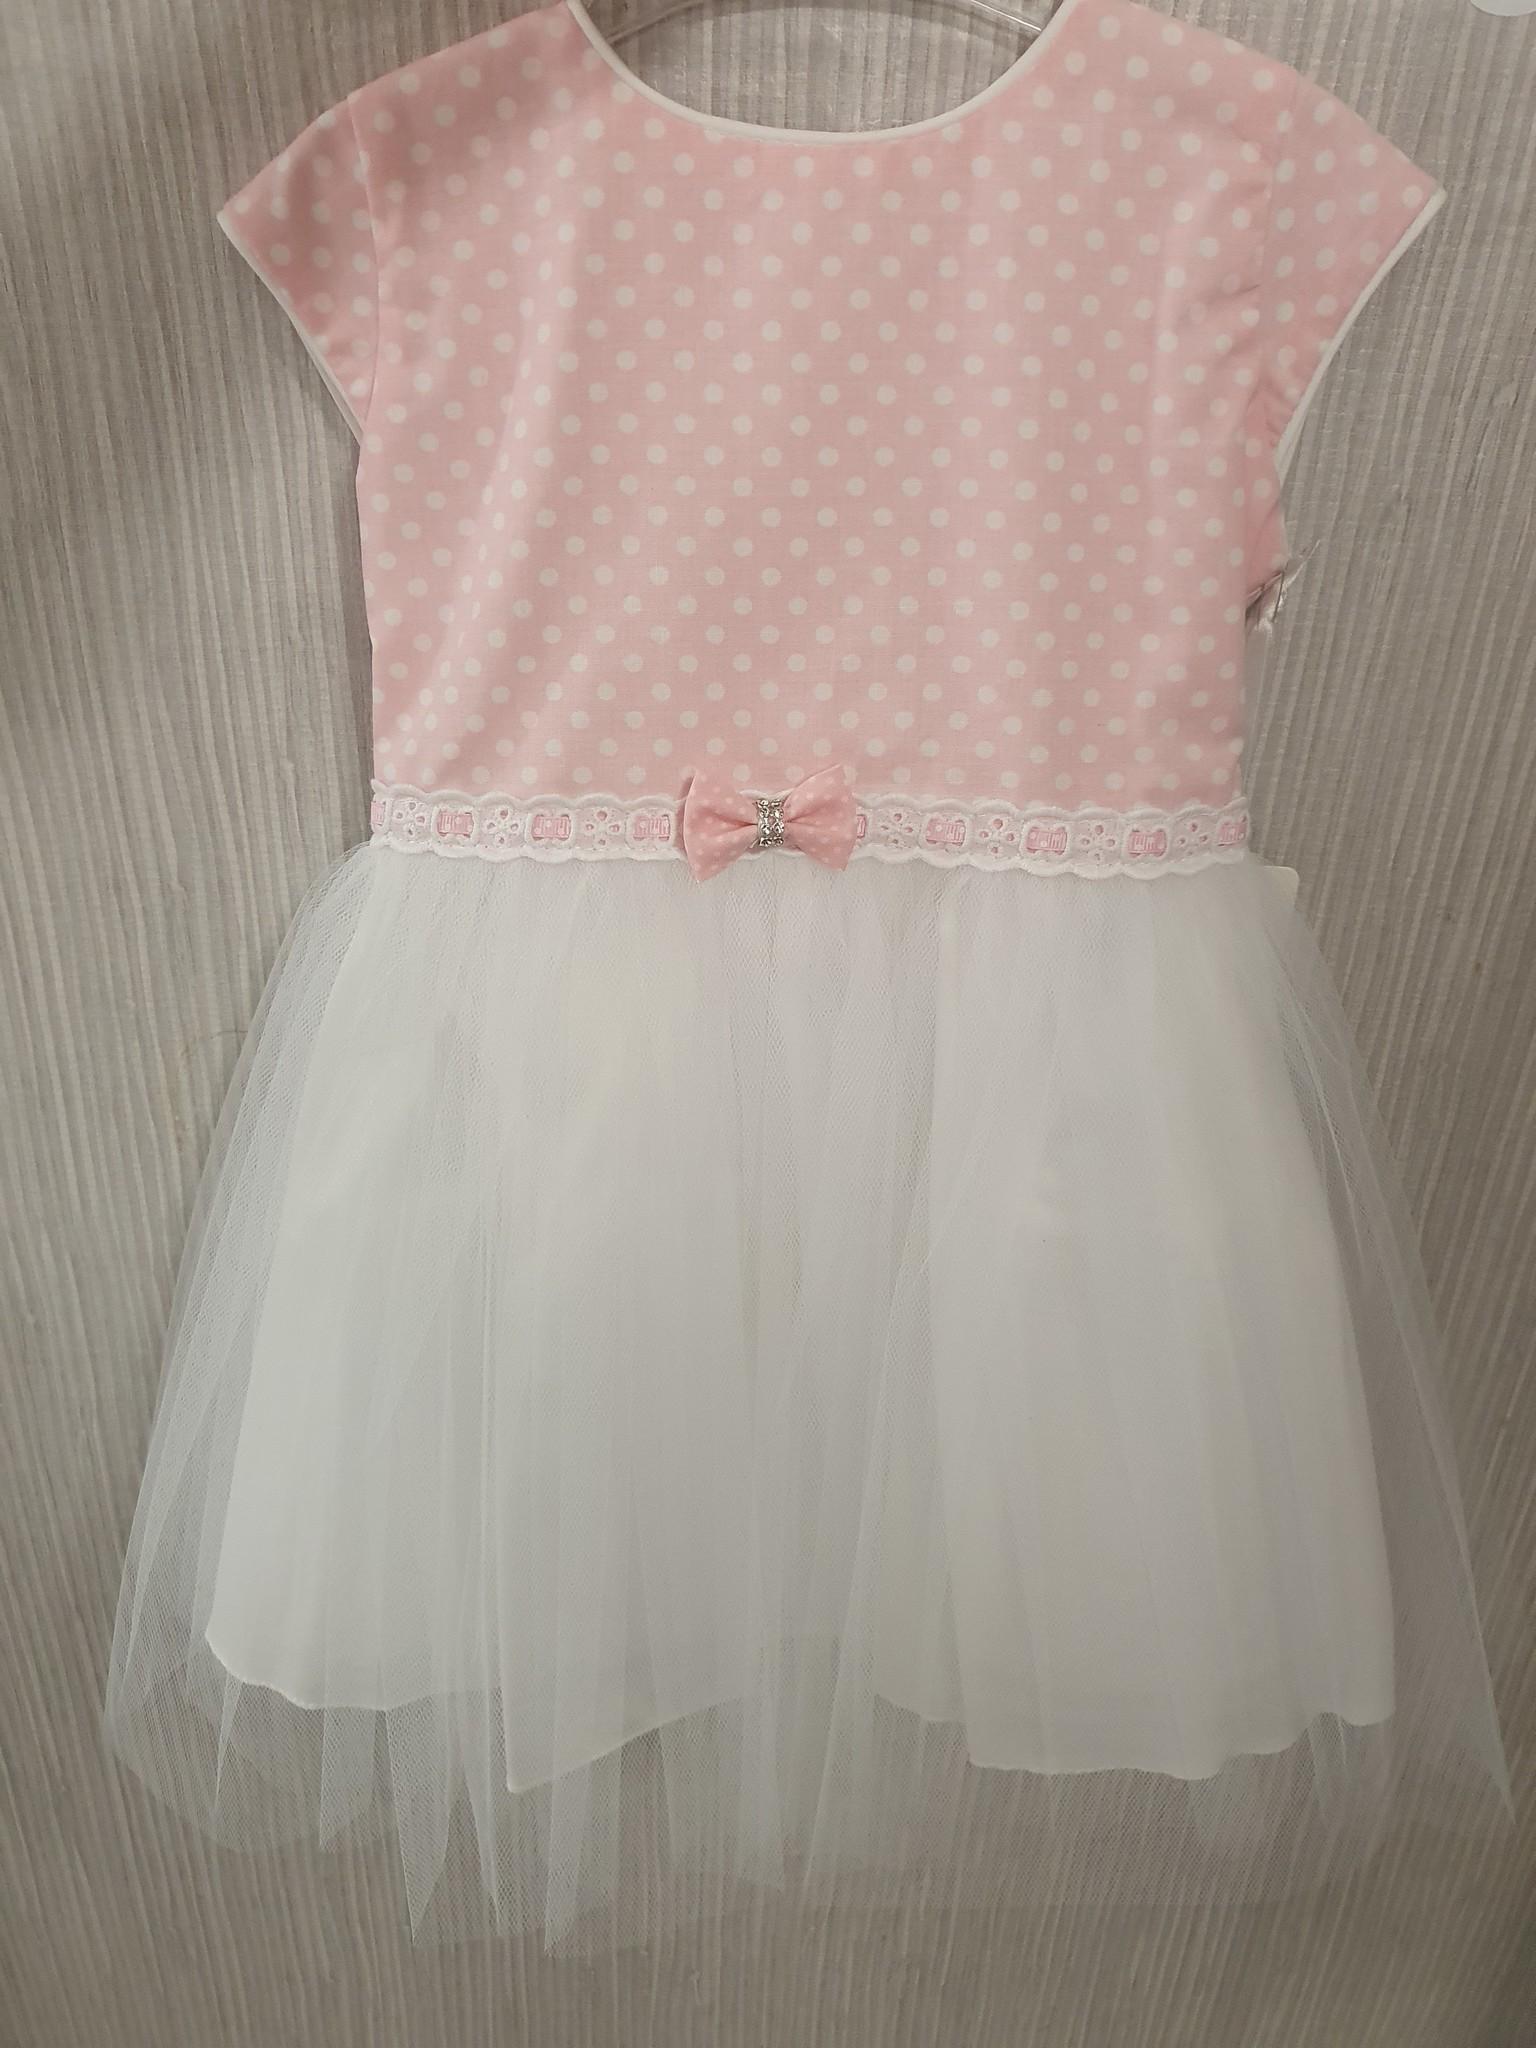 Daga Daga Tutu Party Dress